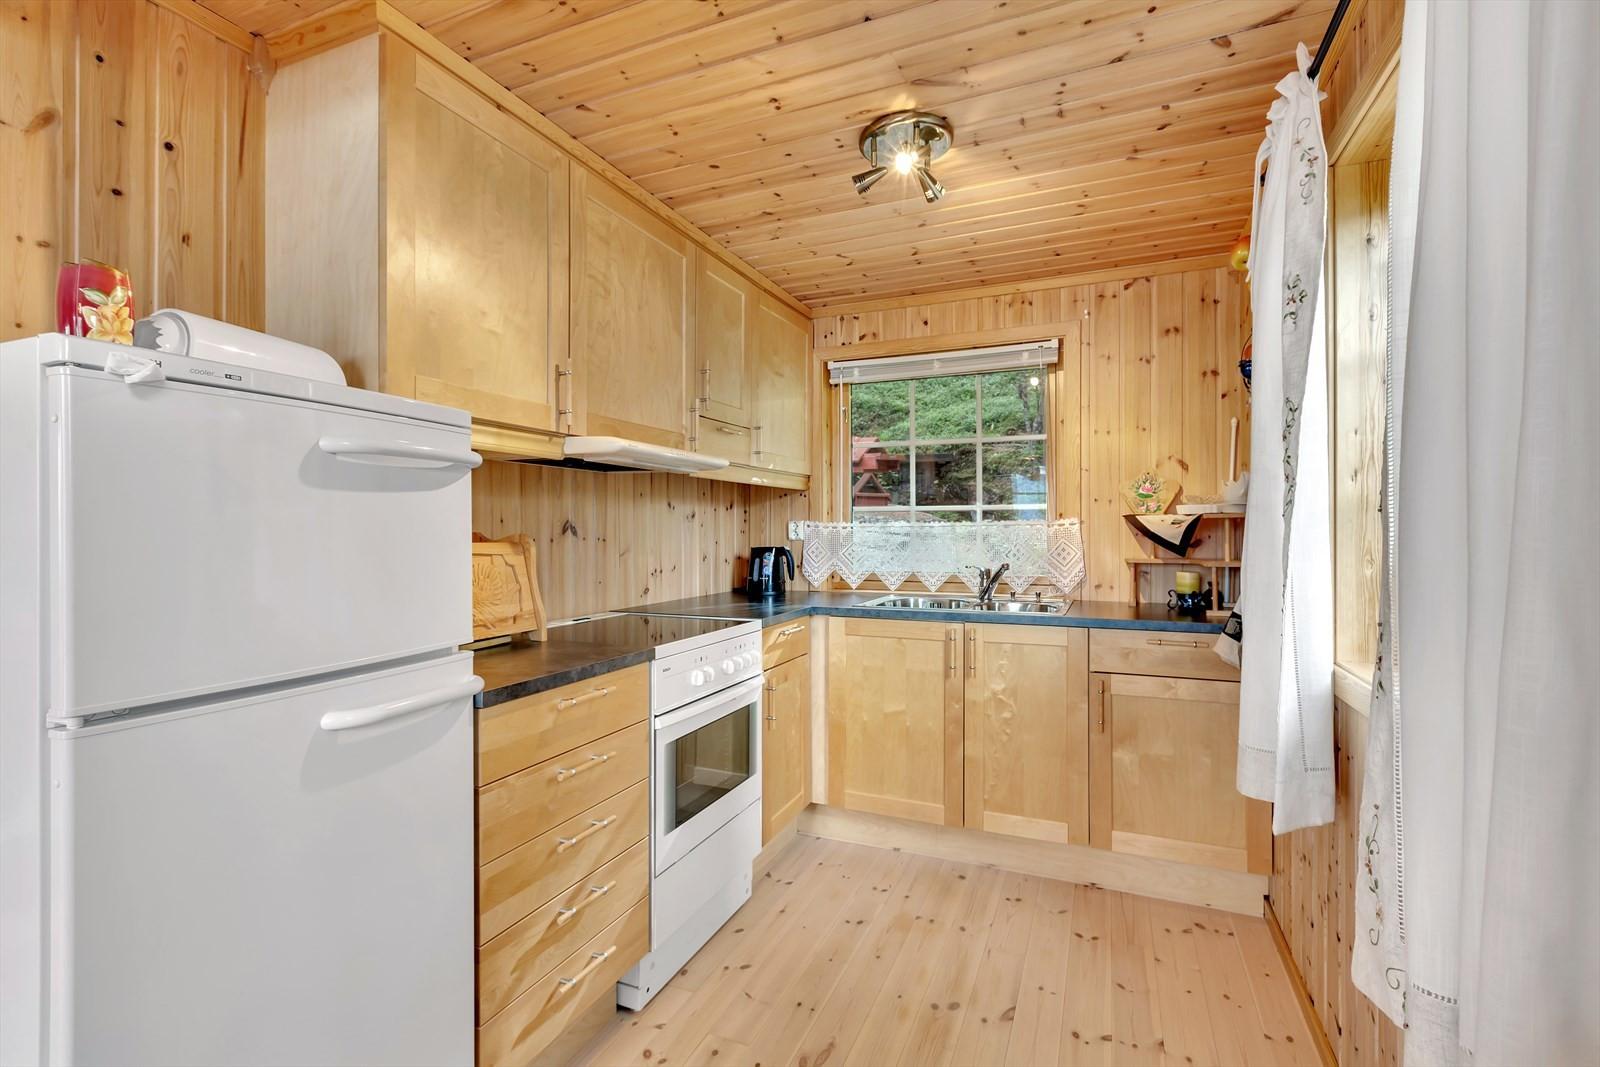 Hyttekjøkken med trefronter